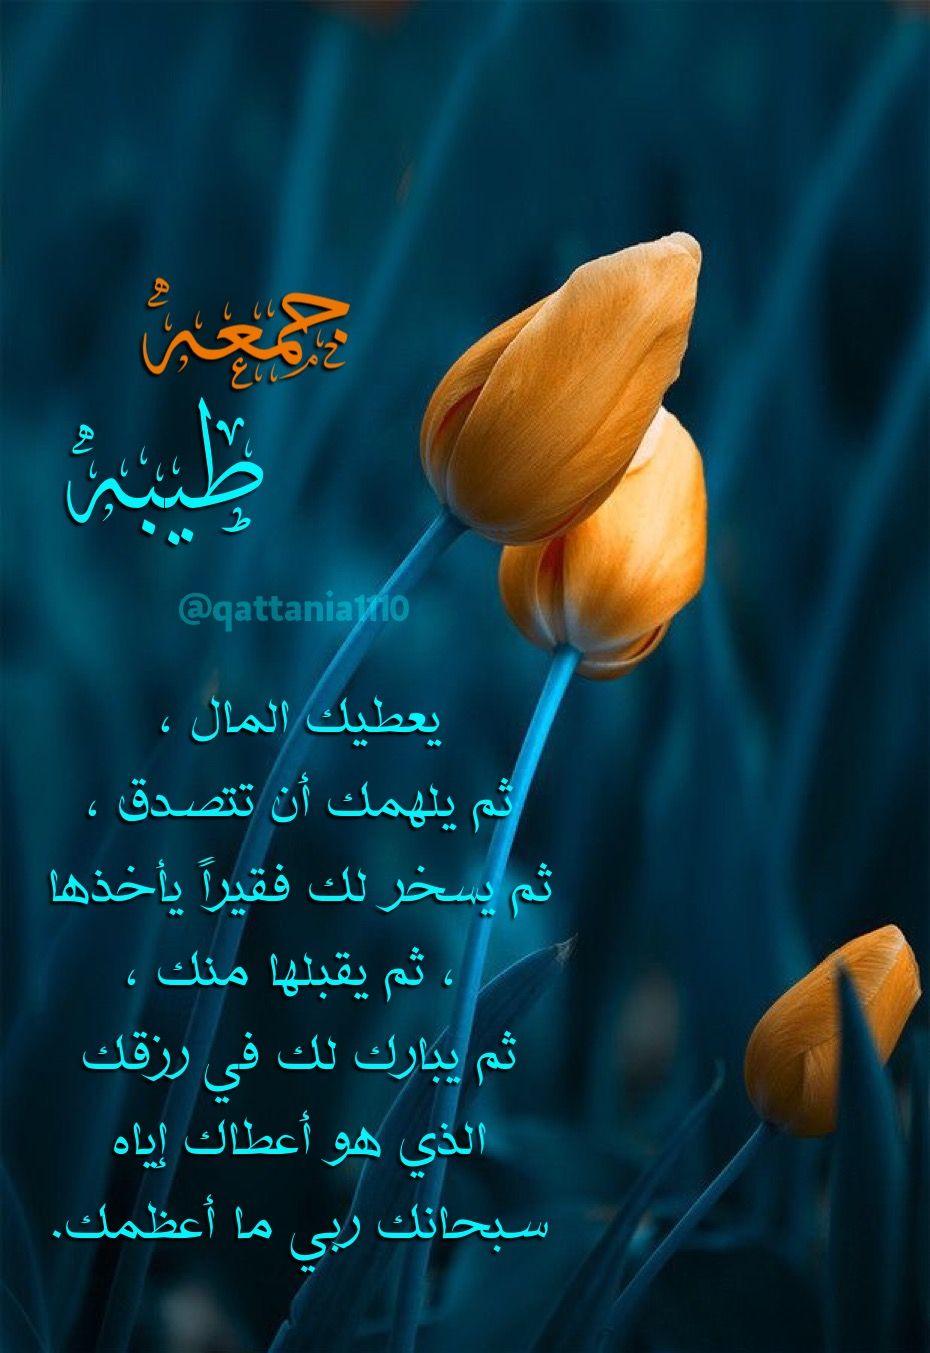 الجمعة Good Morning Arabic Blessed Friday Jumma Mubarak Images